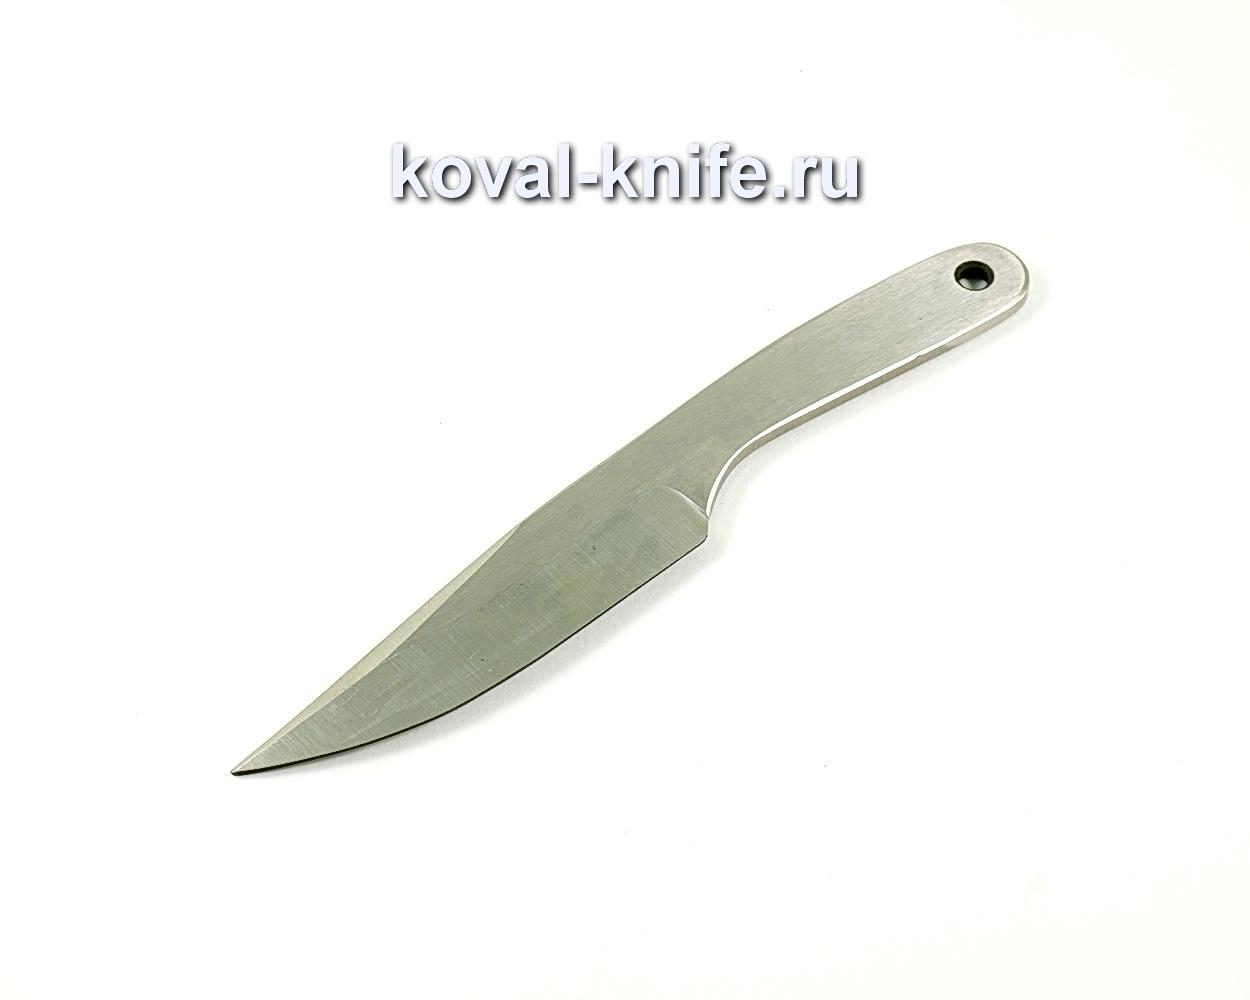 Метательный нож «Осетр мини» (сталь 65Г рессорная) A190